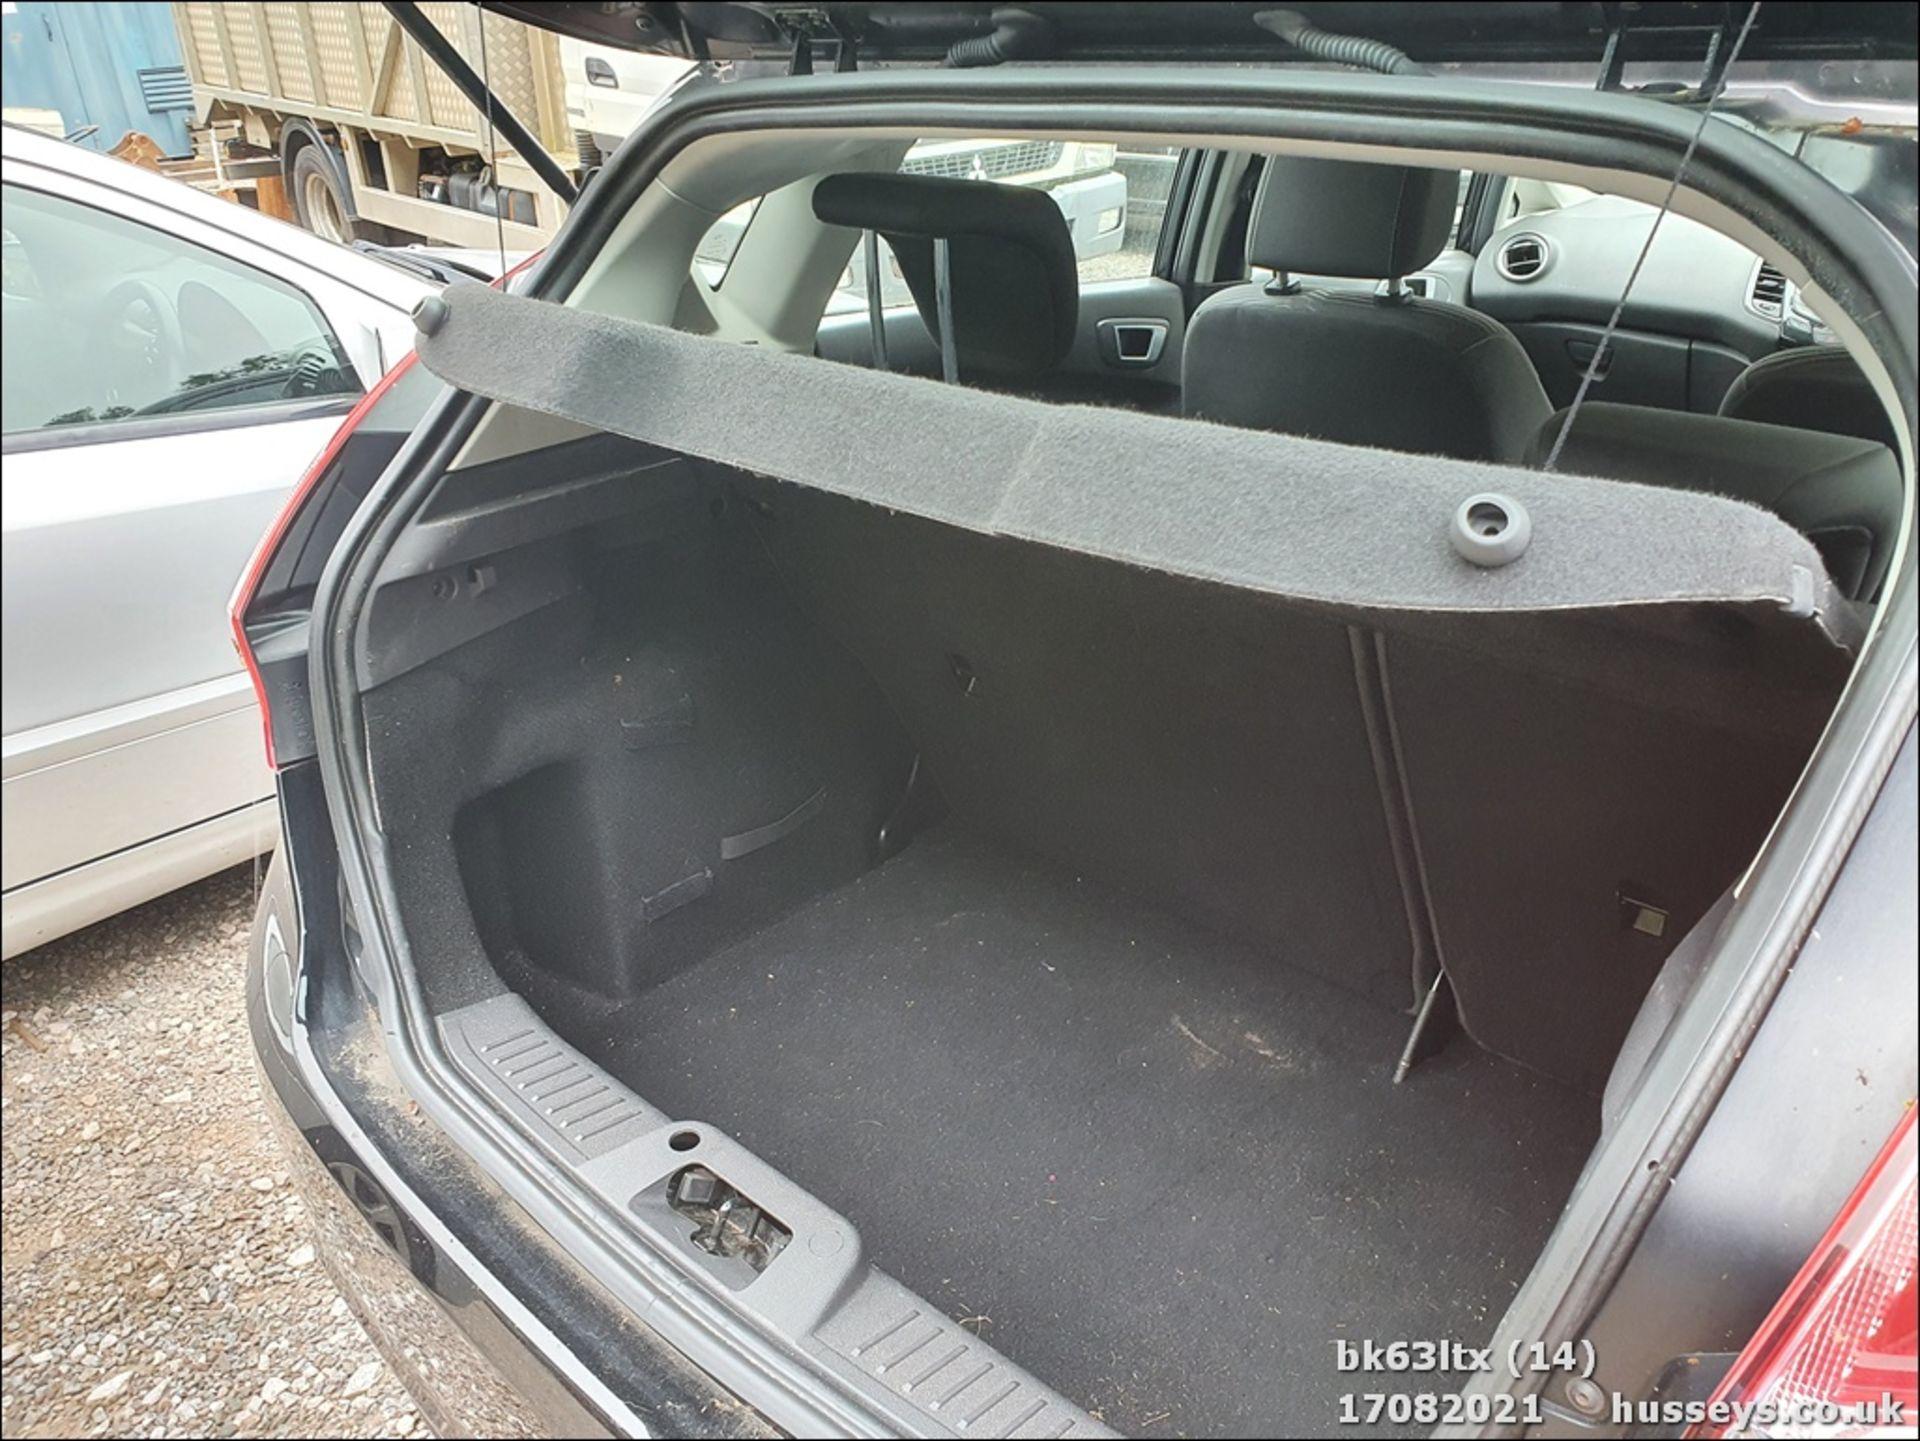 13/63 FORD FIESTA ZETEC - 998cc 5dr Hatchback (Black, 53k) - Image 15 of 16